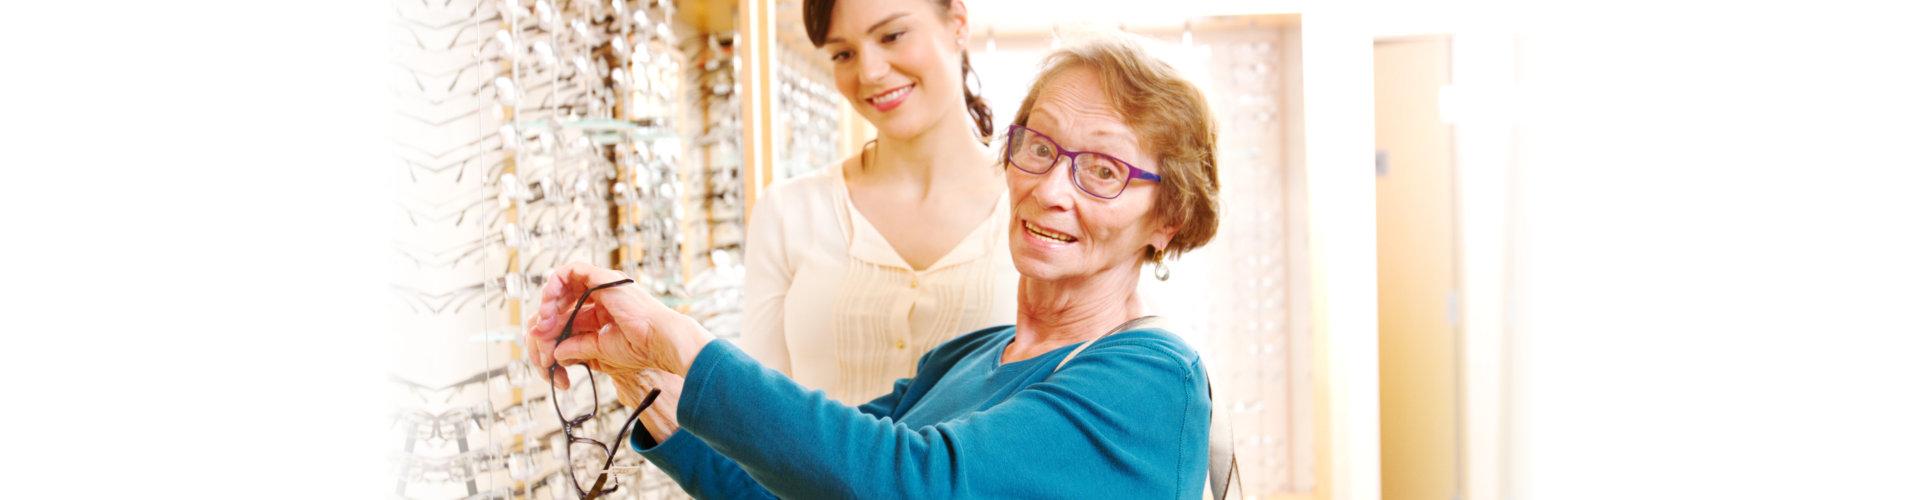 elderly choosing glasses